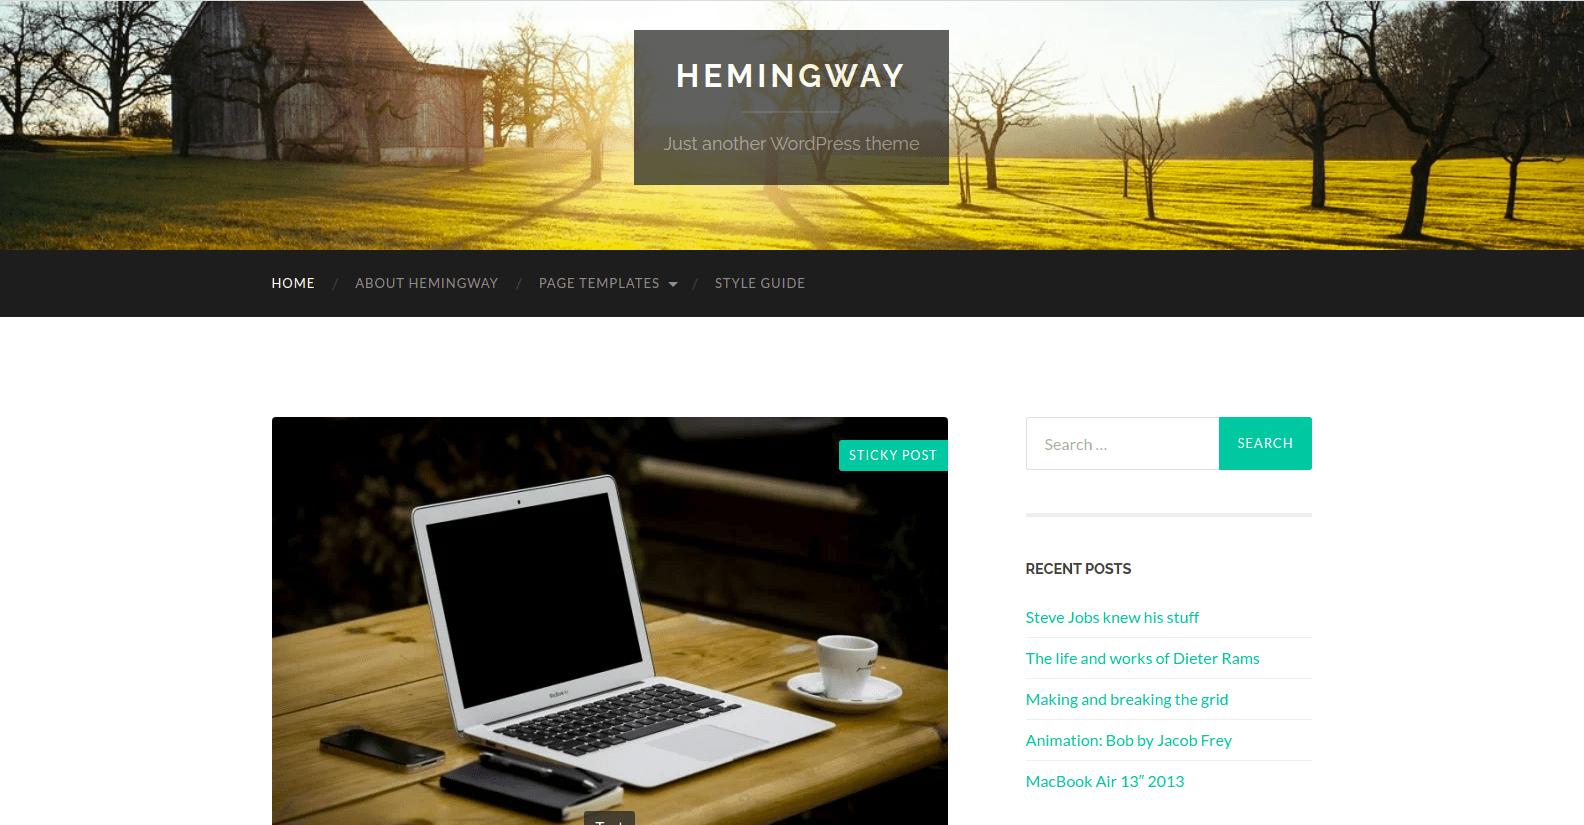 hemigway